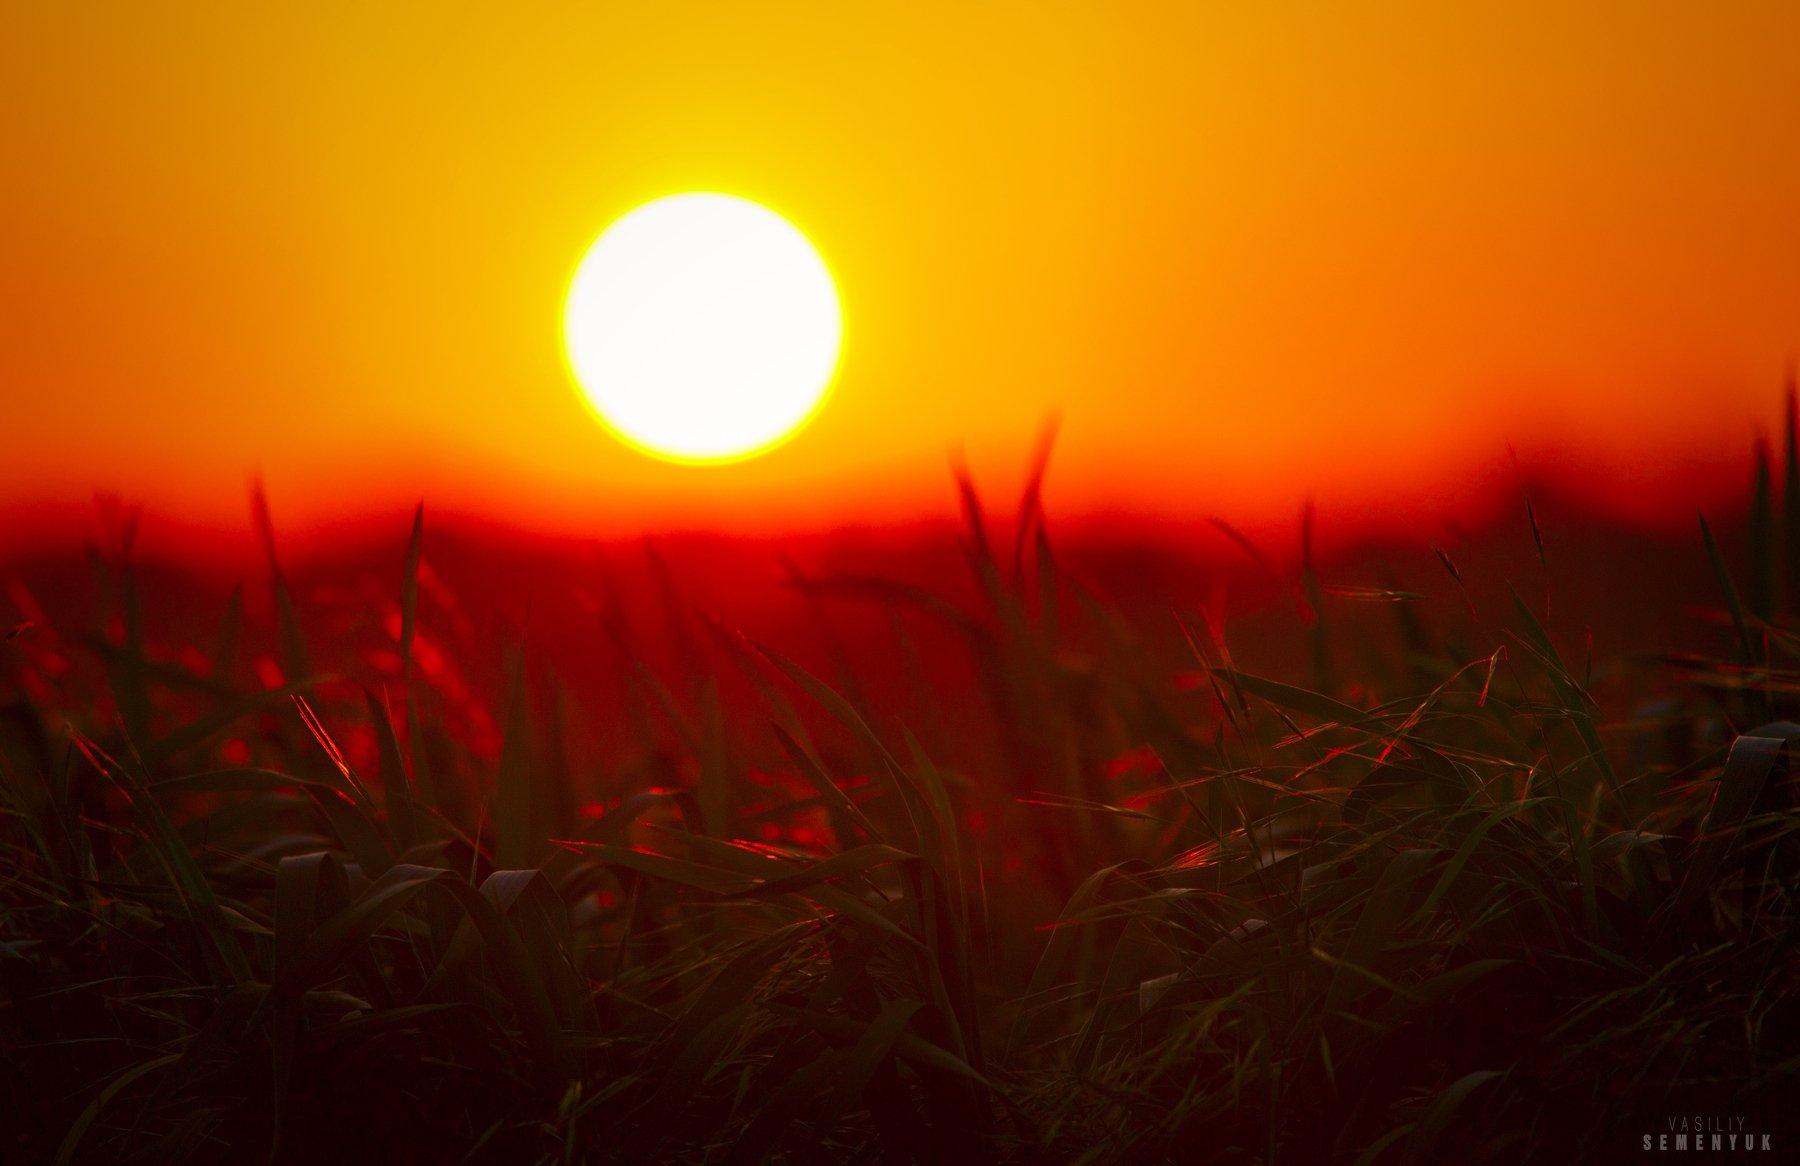 крым, солнце, поля, закат, молодая пшеница, ветер, трава, настроение., Семенюк Василий